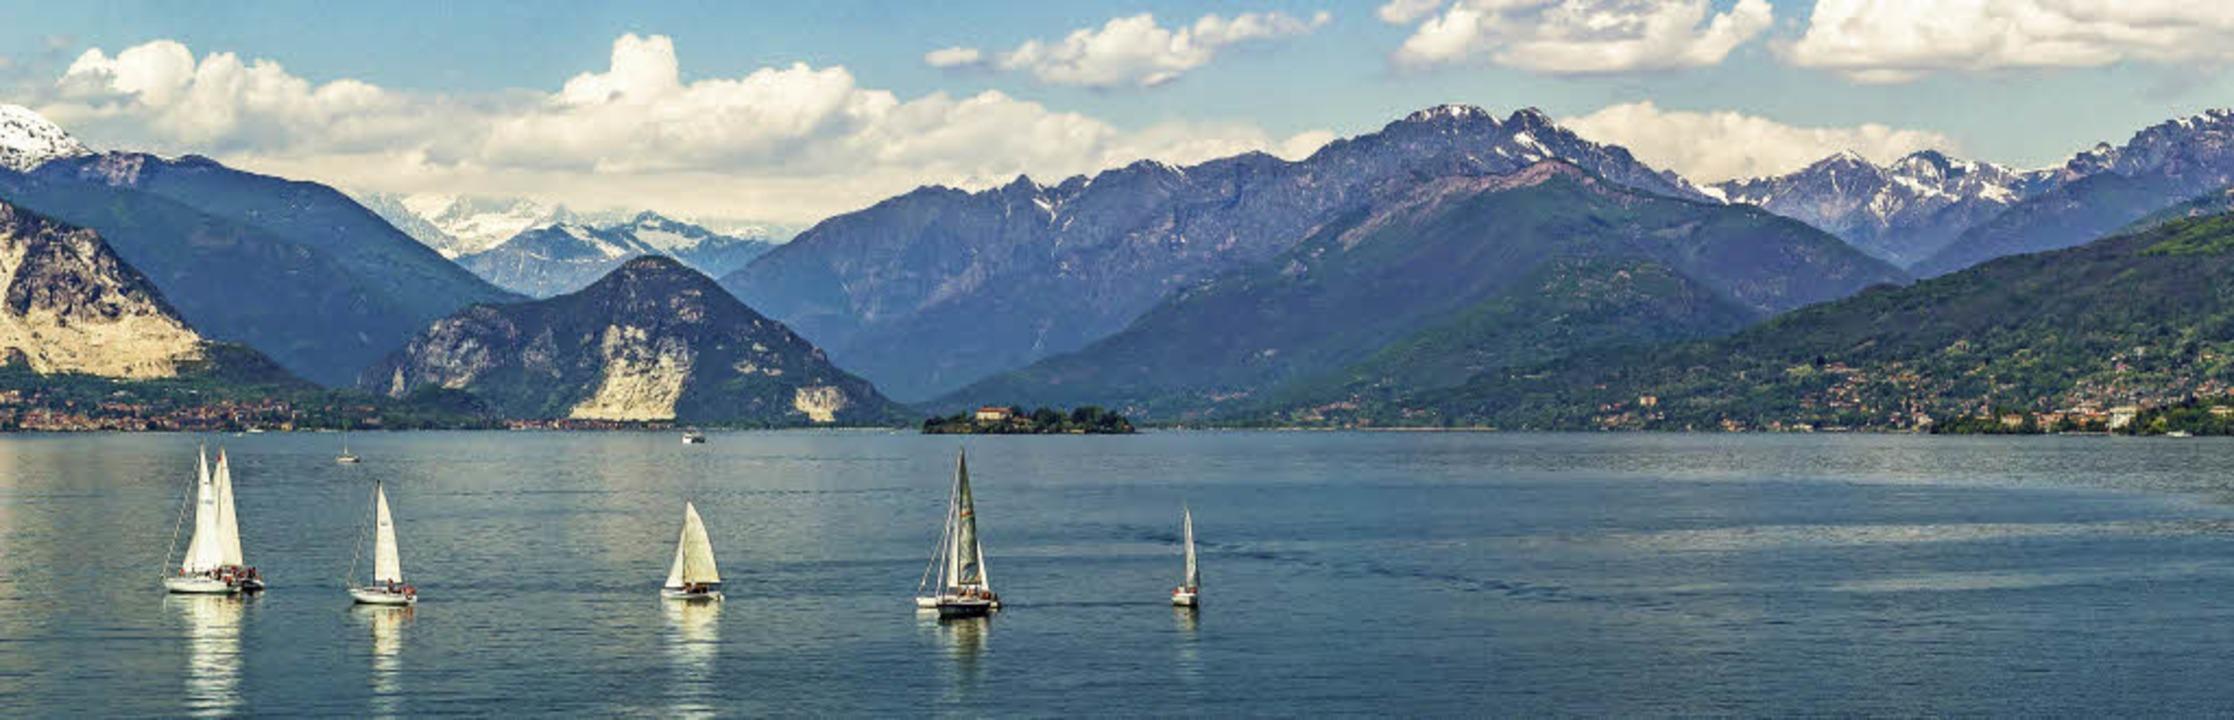 Seglerparadies: der Lago Maggiore an d...e zwischen Südschweiz und Norditalien   | Foto: Bertrand/kawika82it (stock.adobe.com)